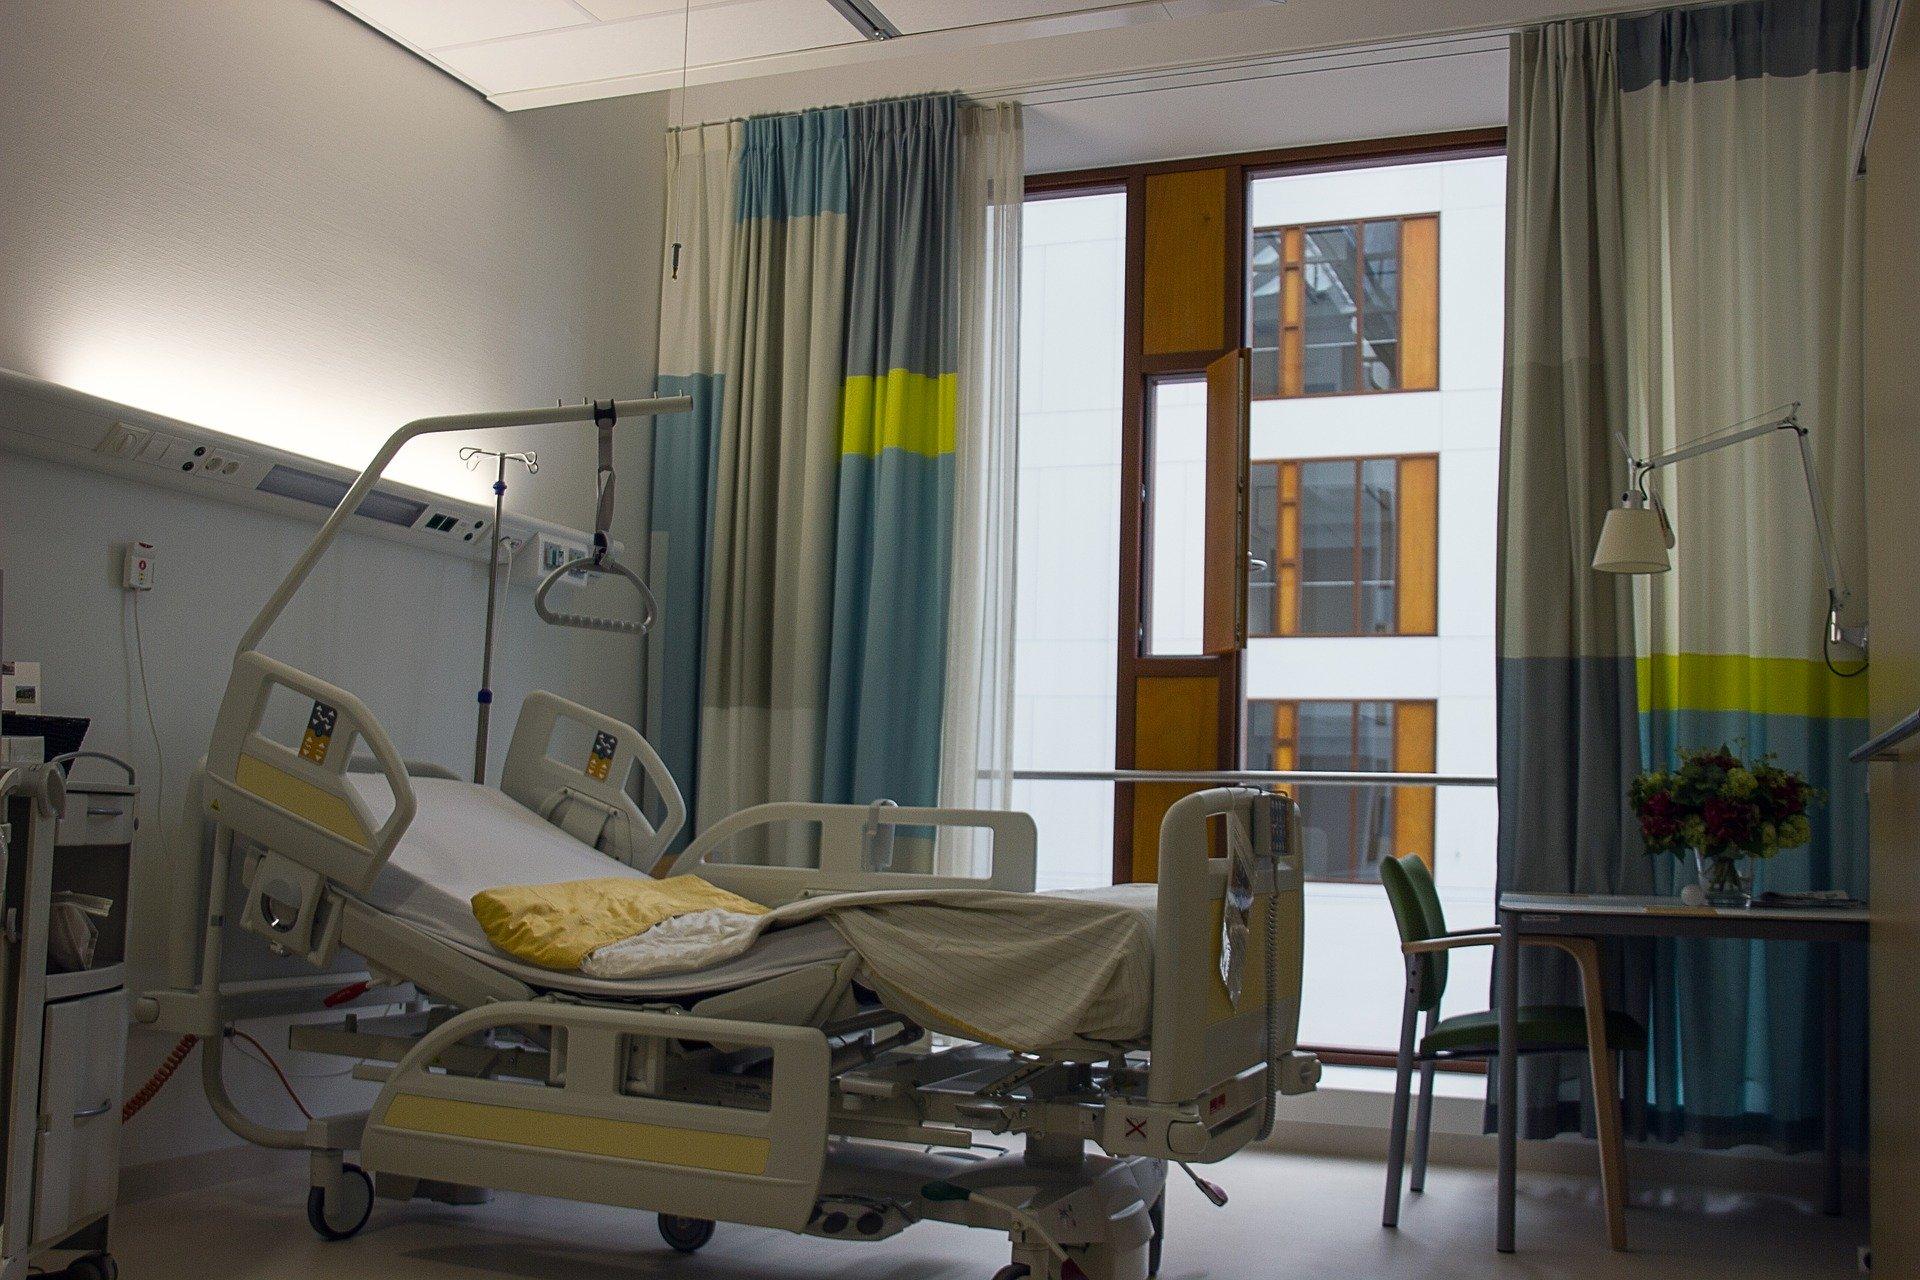 An empty hospital room.